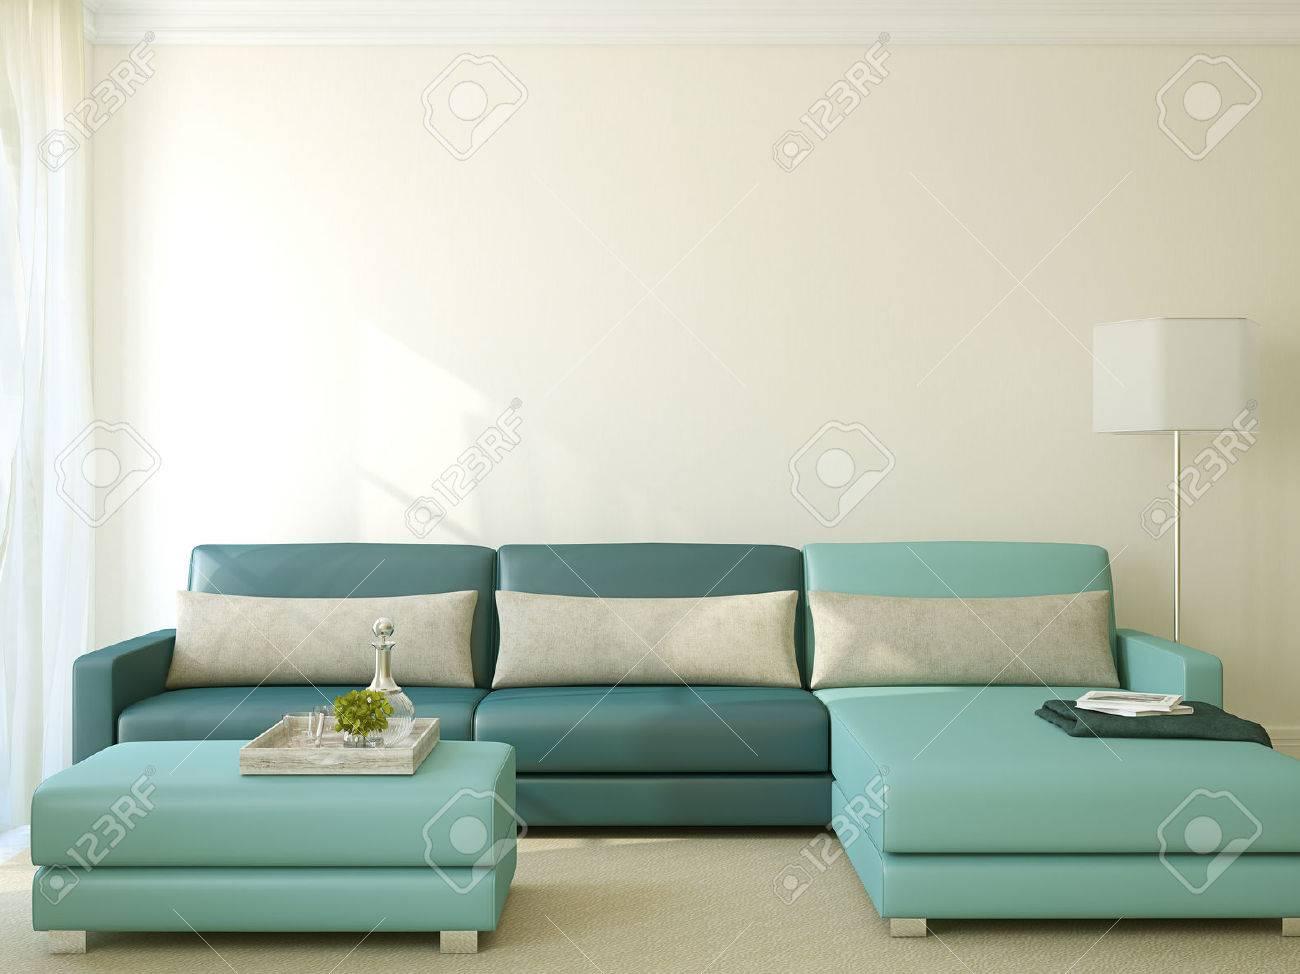 Intérieur de salon moderne avec canapé bleu. 3d render.